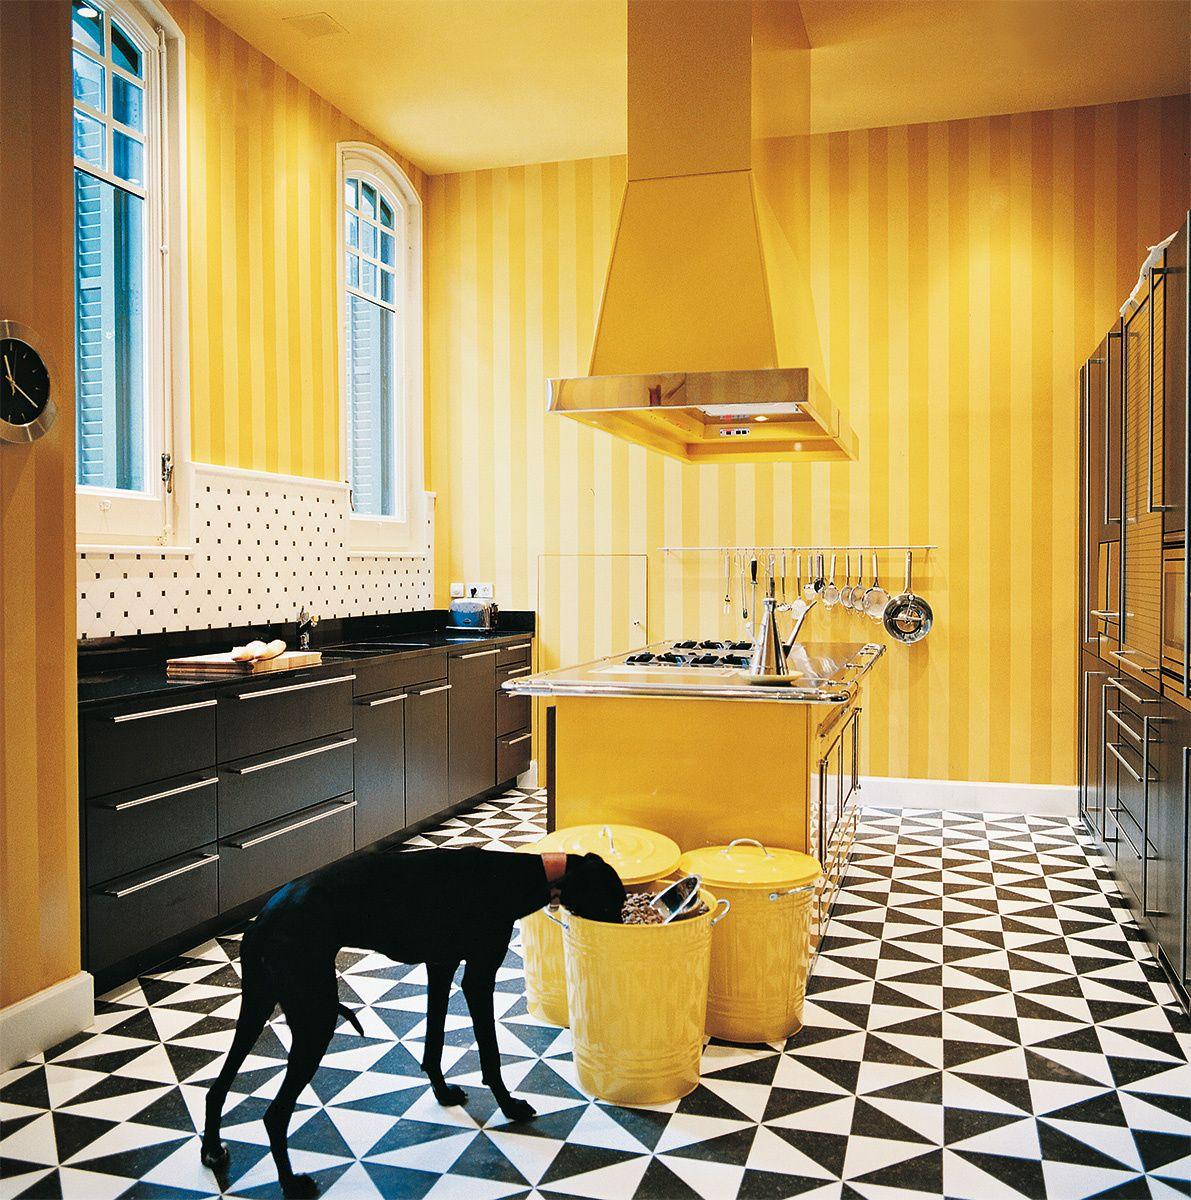 Casa señorial   Paredes amarillas, Baldosa y Imitaciones